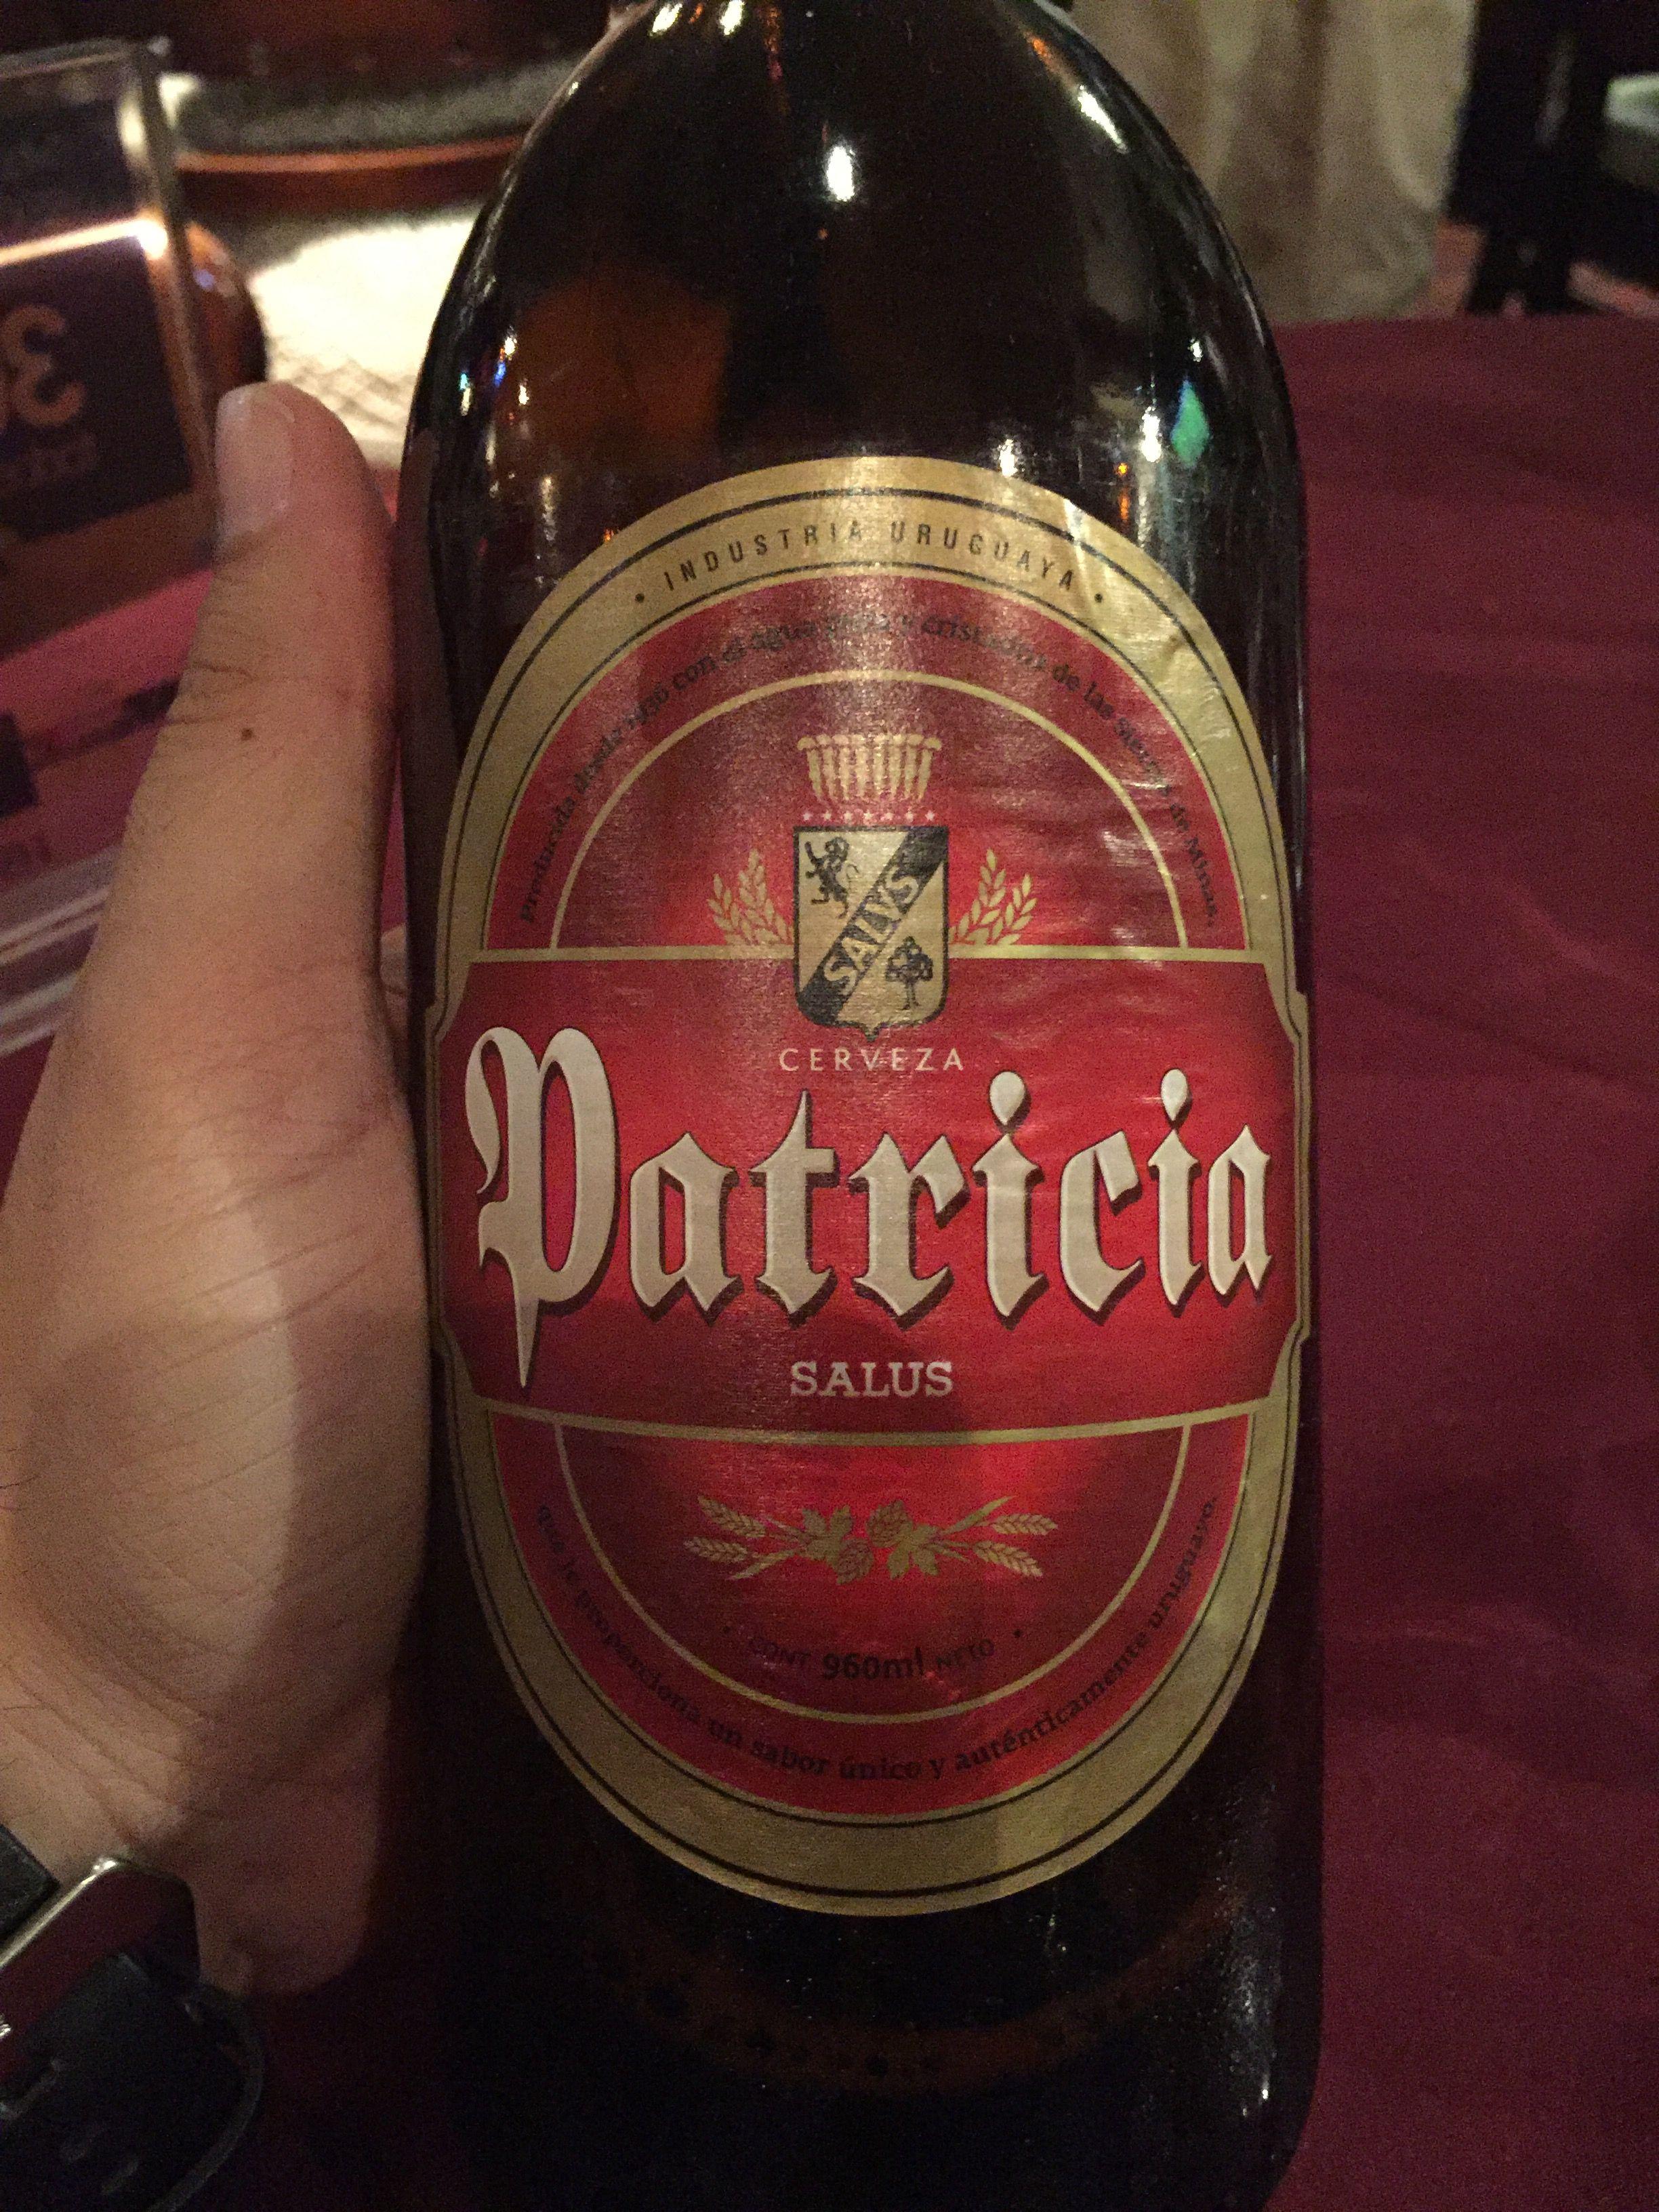 Patricia Uruguay Beer Canadian Beer Beer Bottle